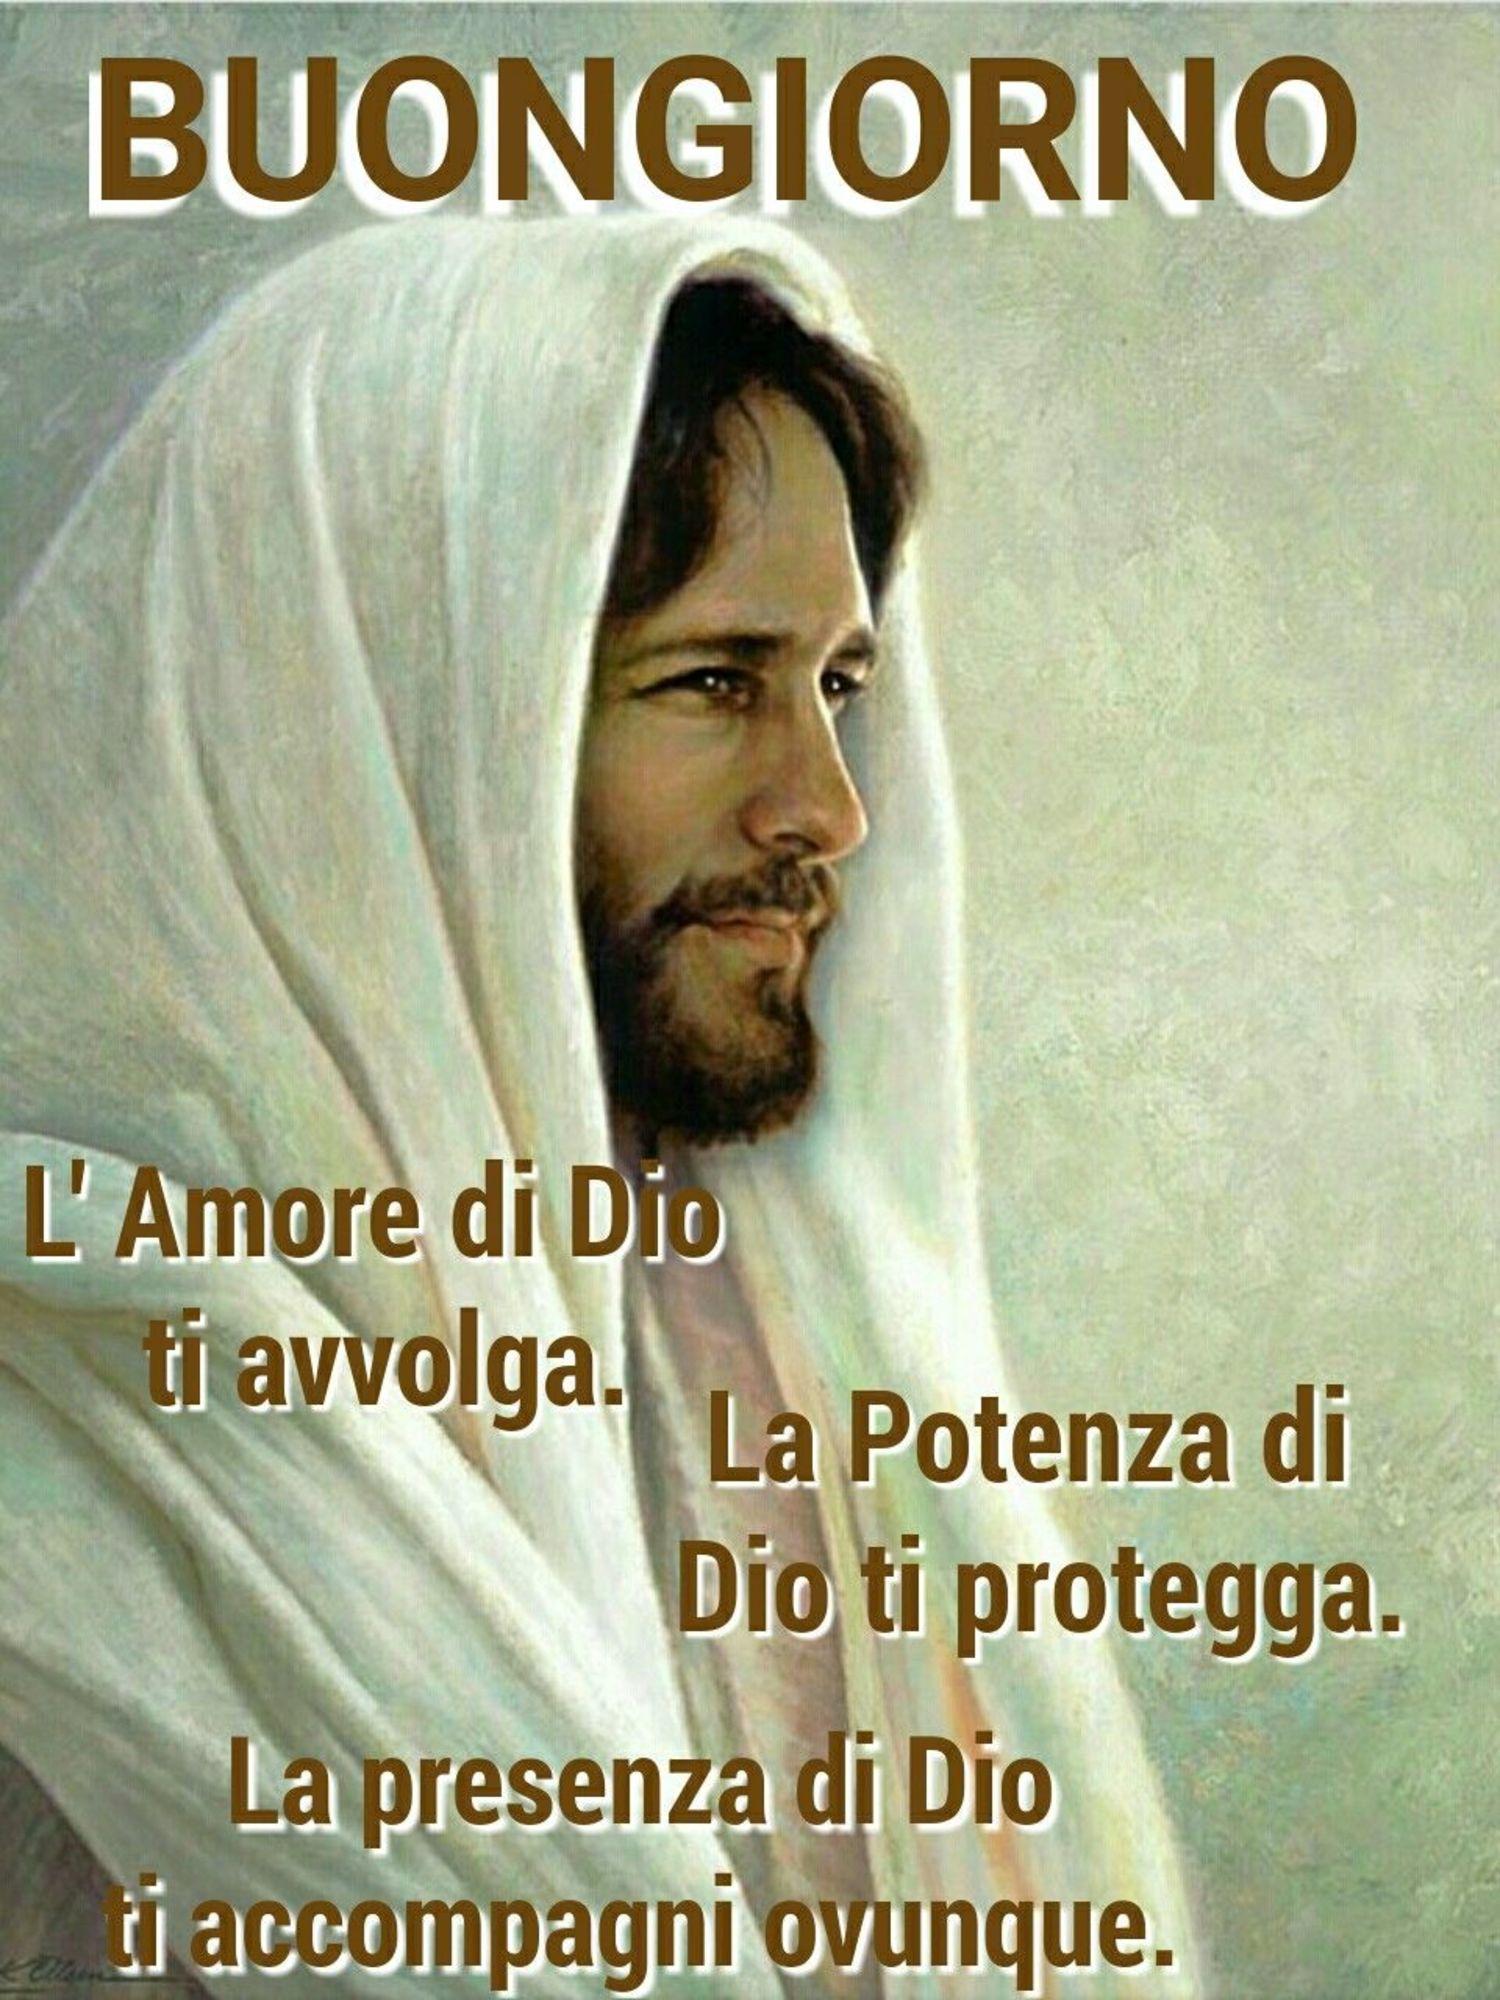 Buongiorno Gesù icone sacre 7910